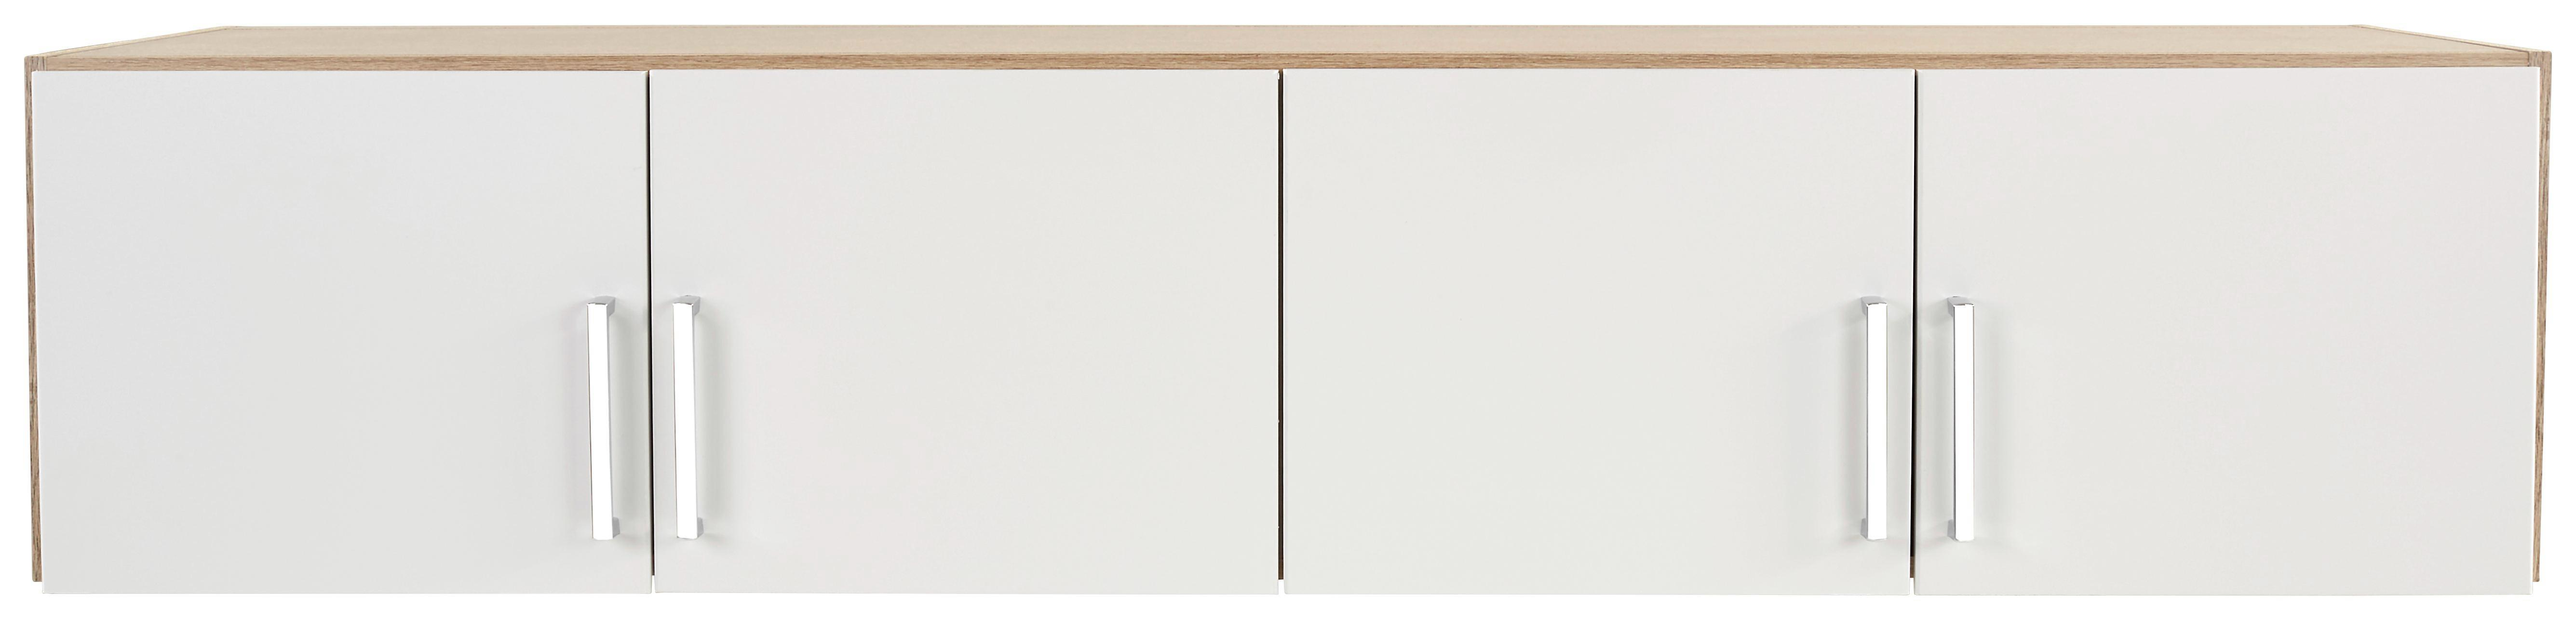 Szekrényrátét 4 Ajtós Wien Szekrényhez - tölgy színű/fehér, konvencionális, faanyagok (181/39/54cm)